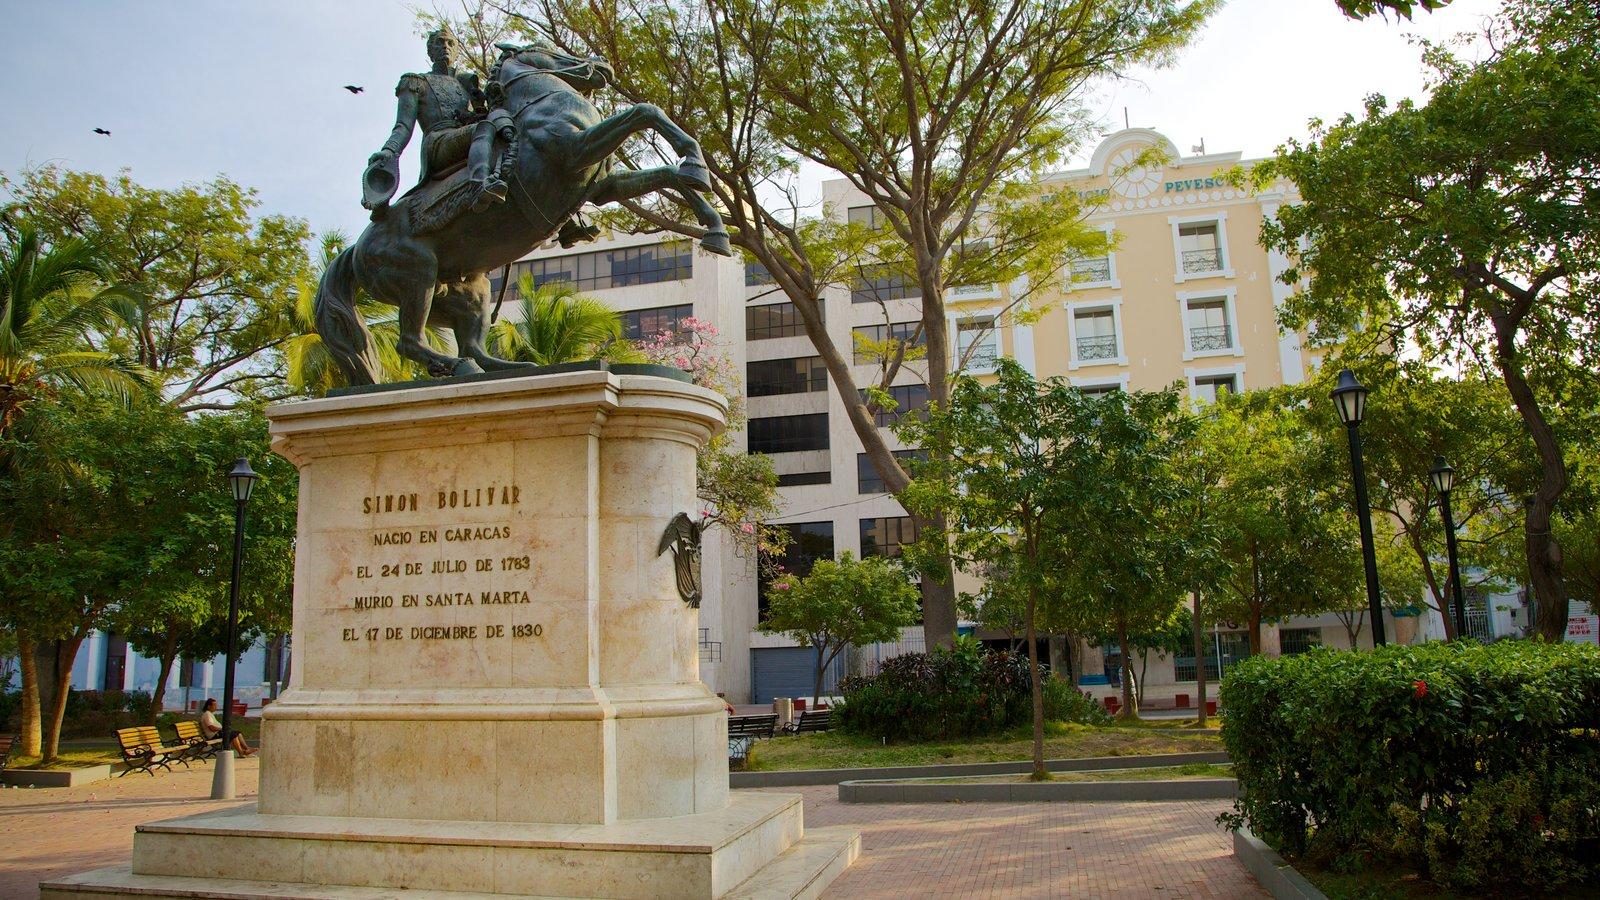 Plaza de Bolívar caracterizando um monumento, uma praça ou plaza e uma estátua ou escultura